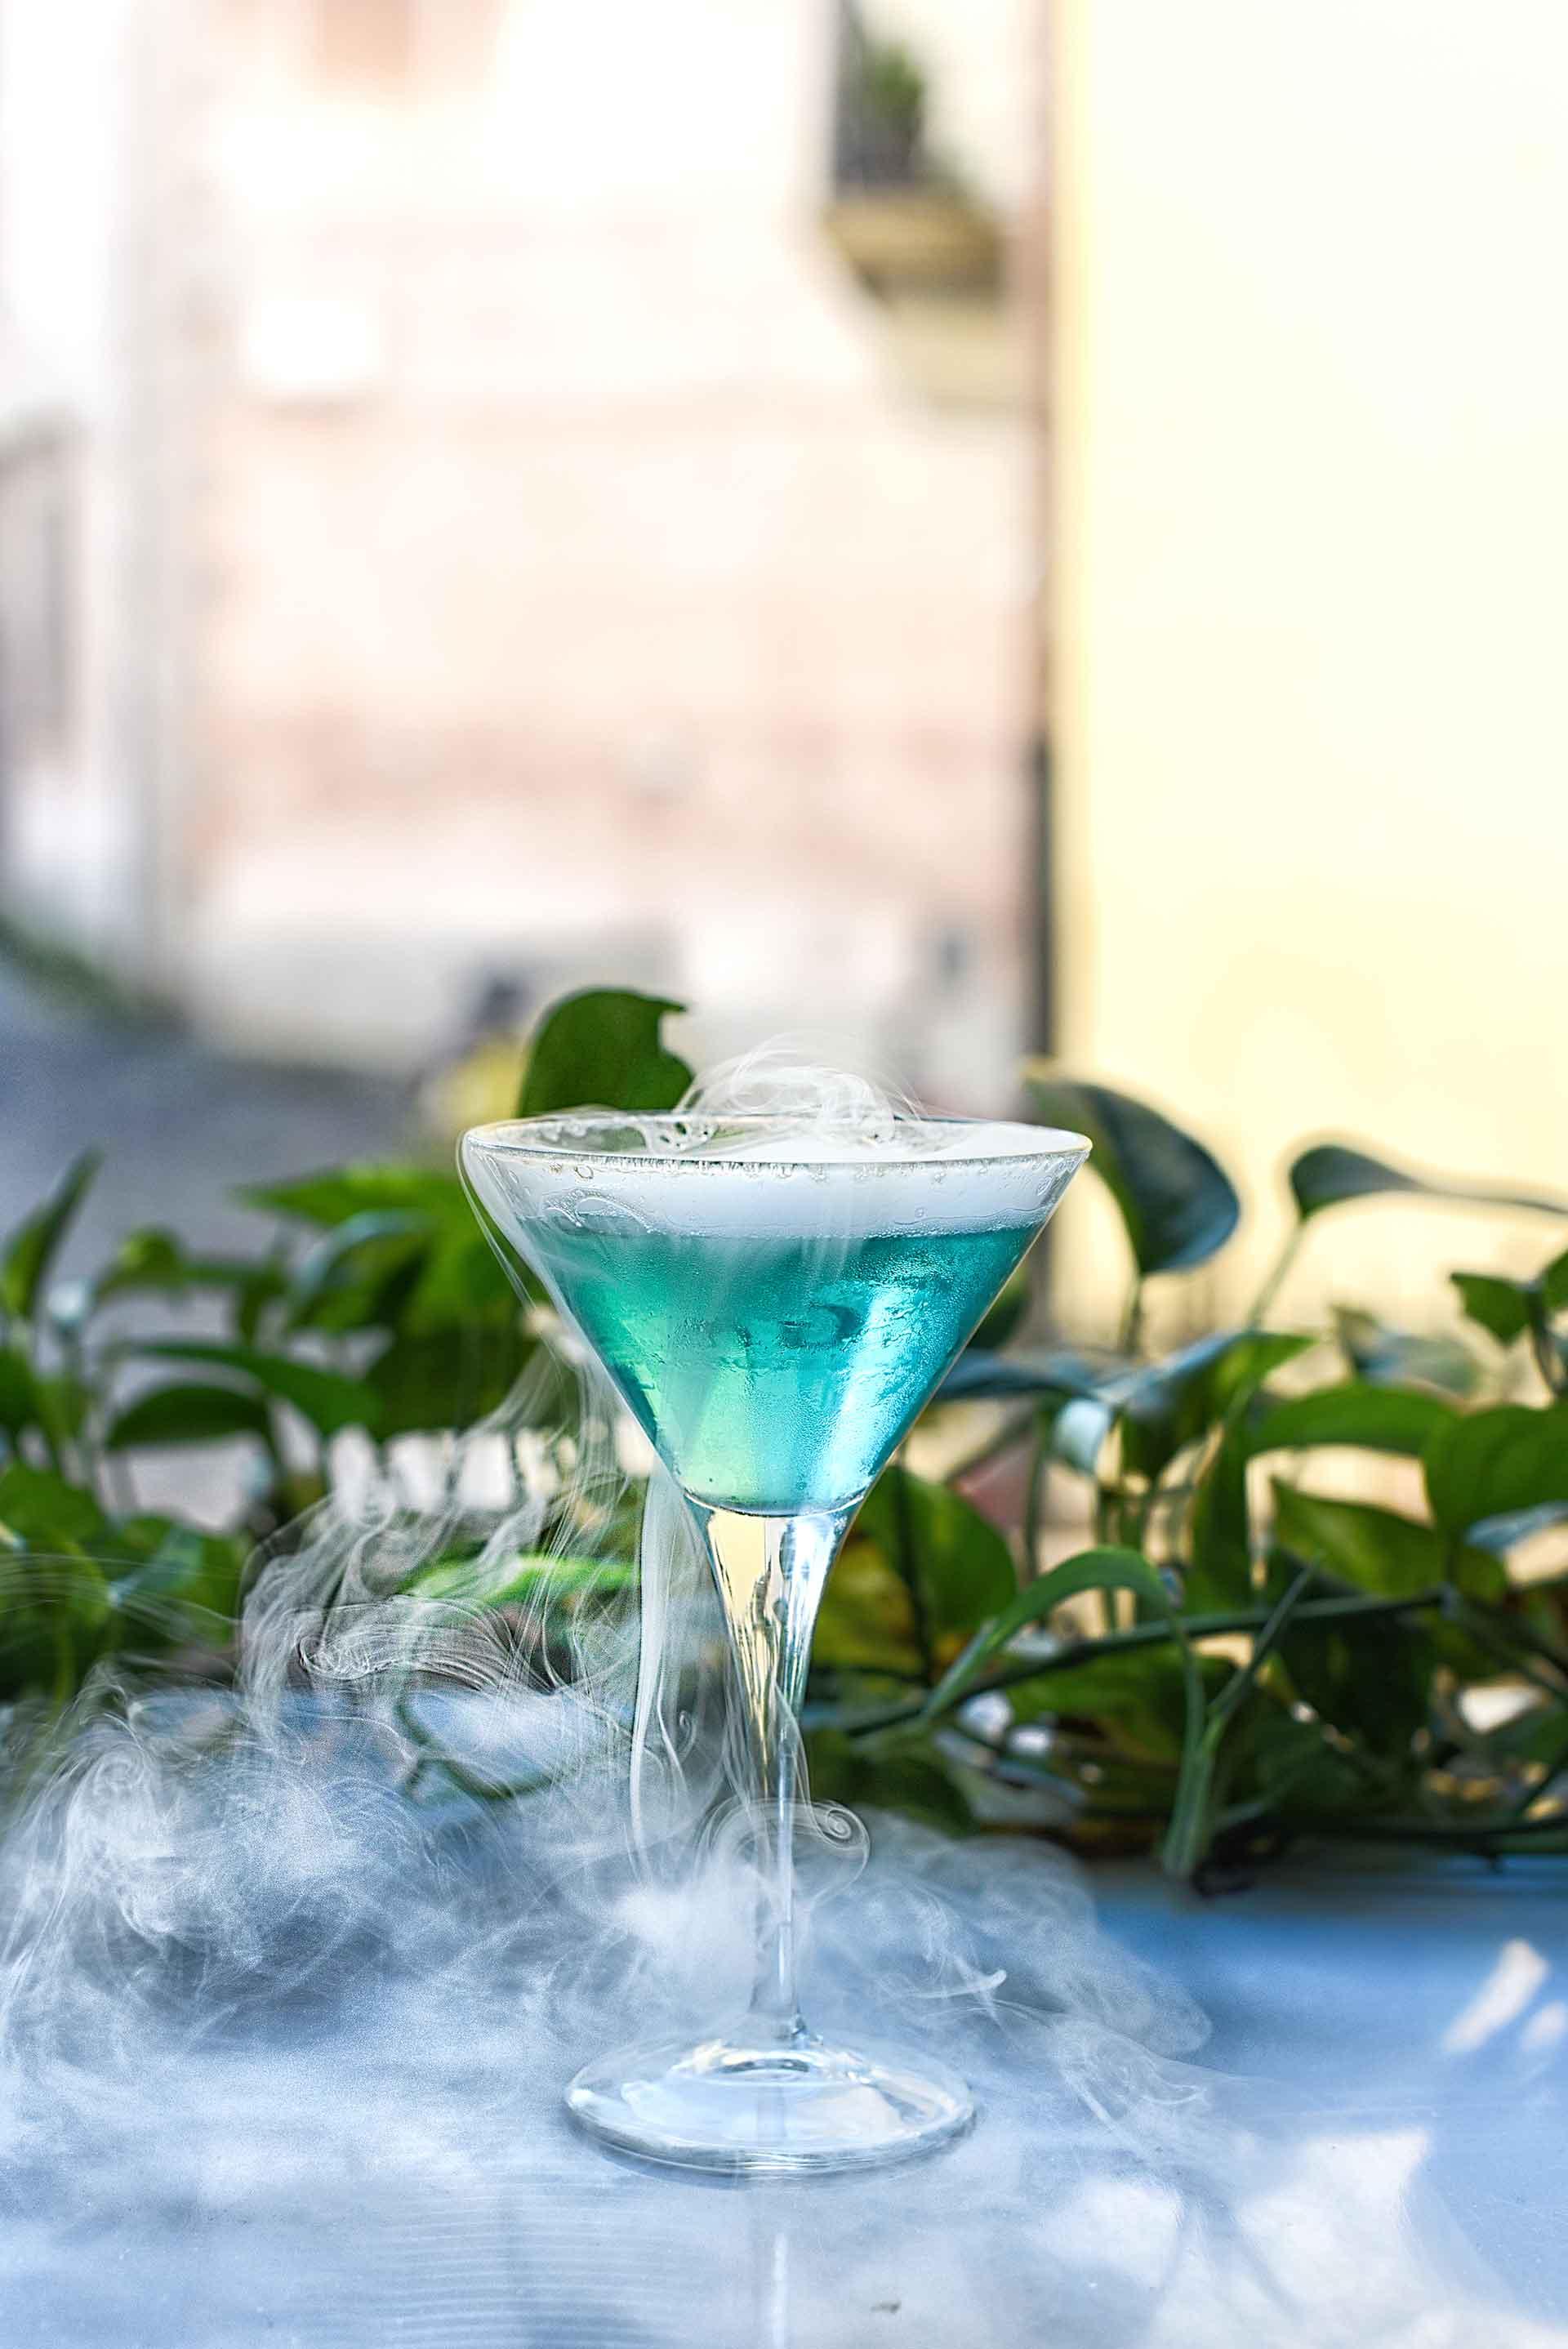 officina-visiva-foto-still-life-drink-lab-restaurant-9